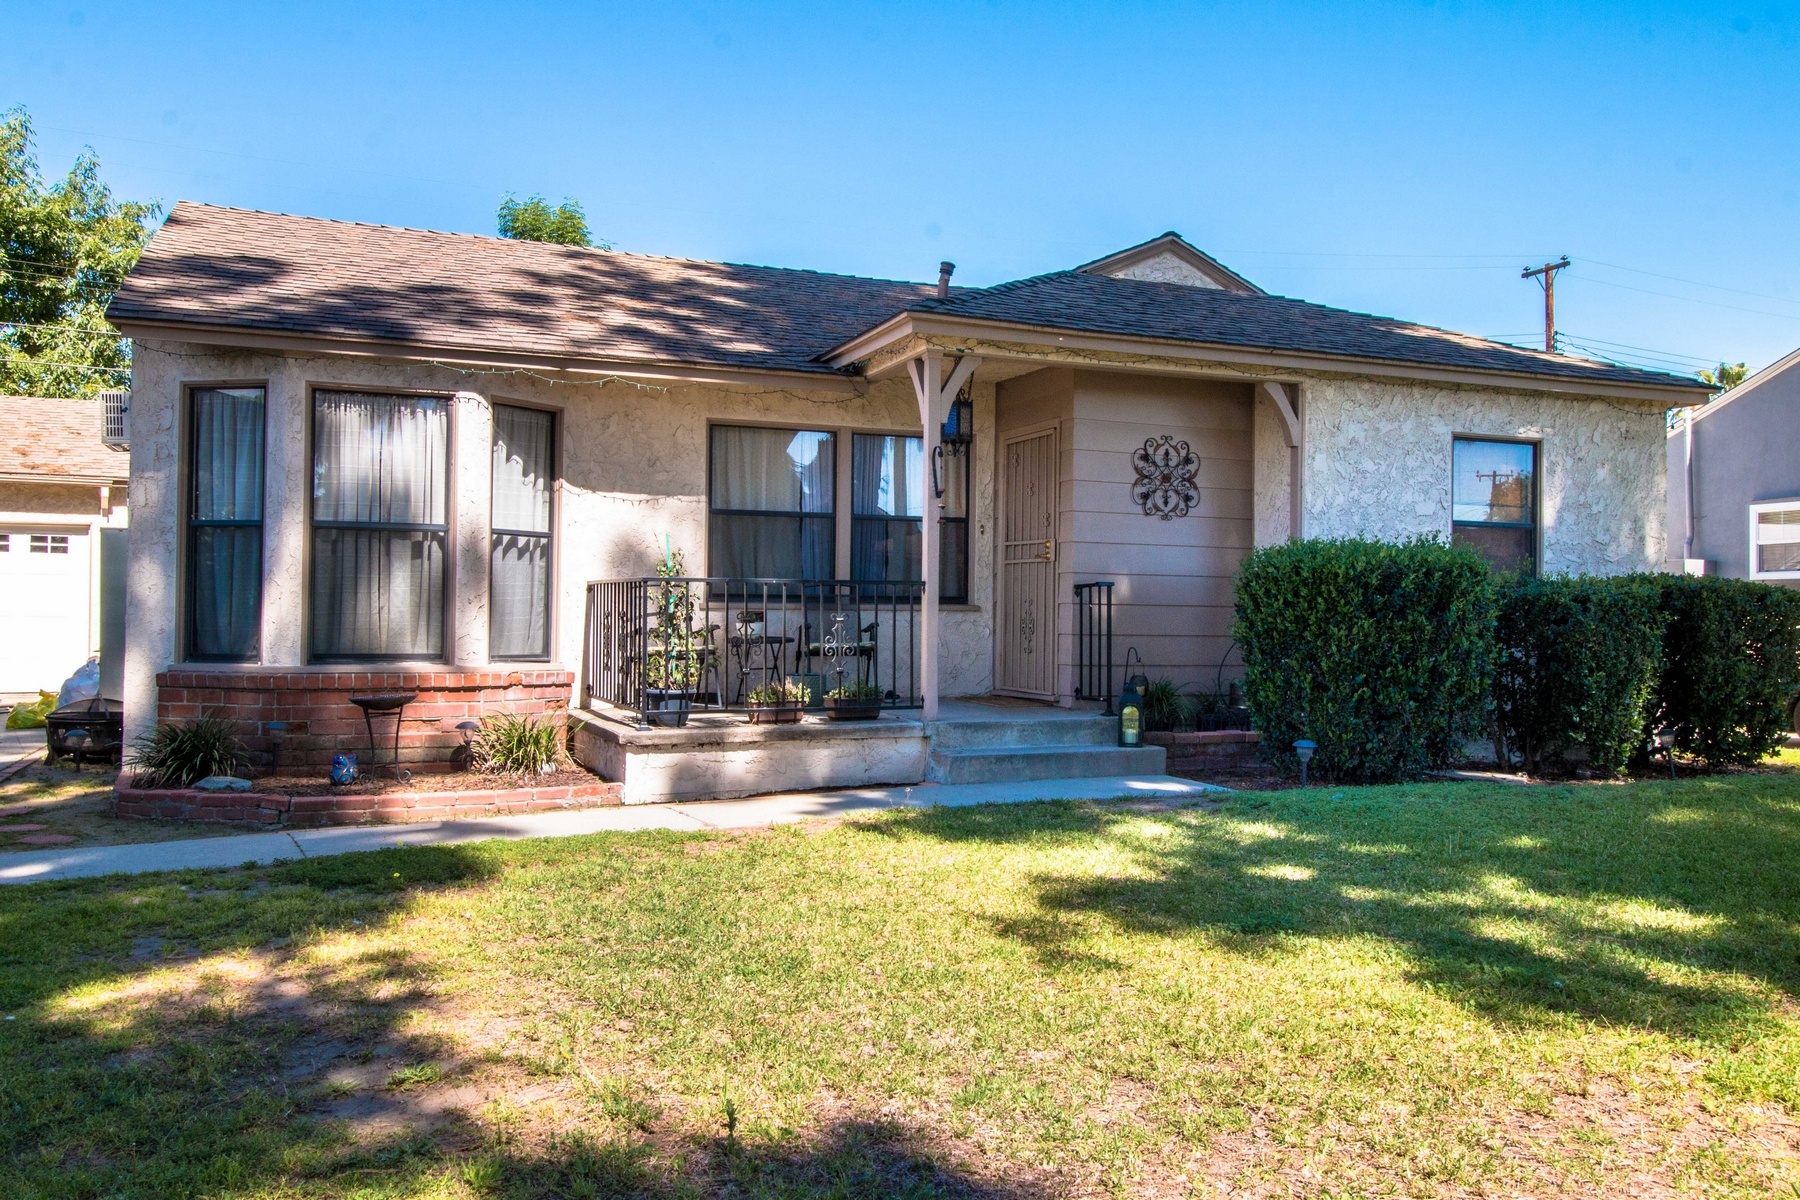 独户住宅 为 销售 在 Covina 16243 E. Bellbrook Street Covina, 加利福尼亚州 91722 美国